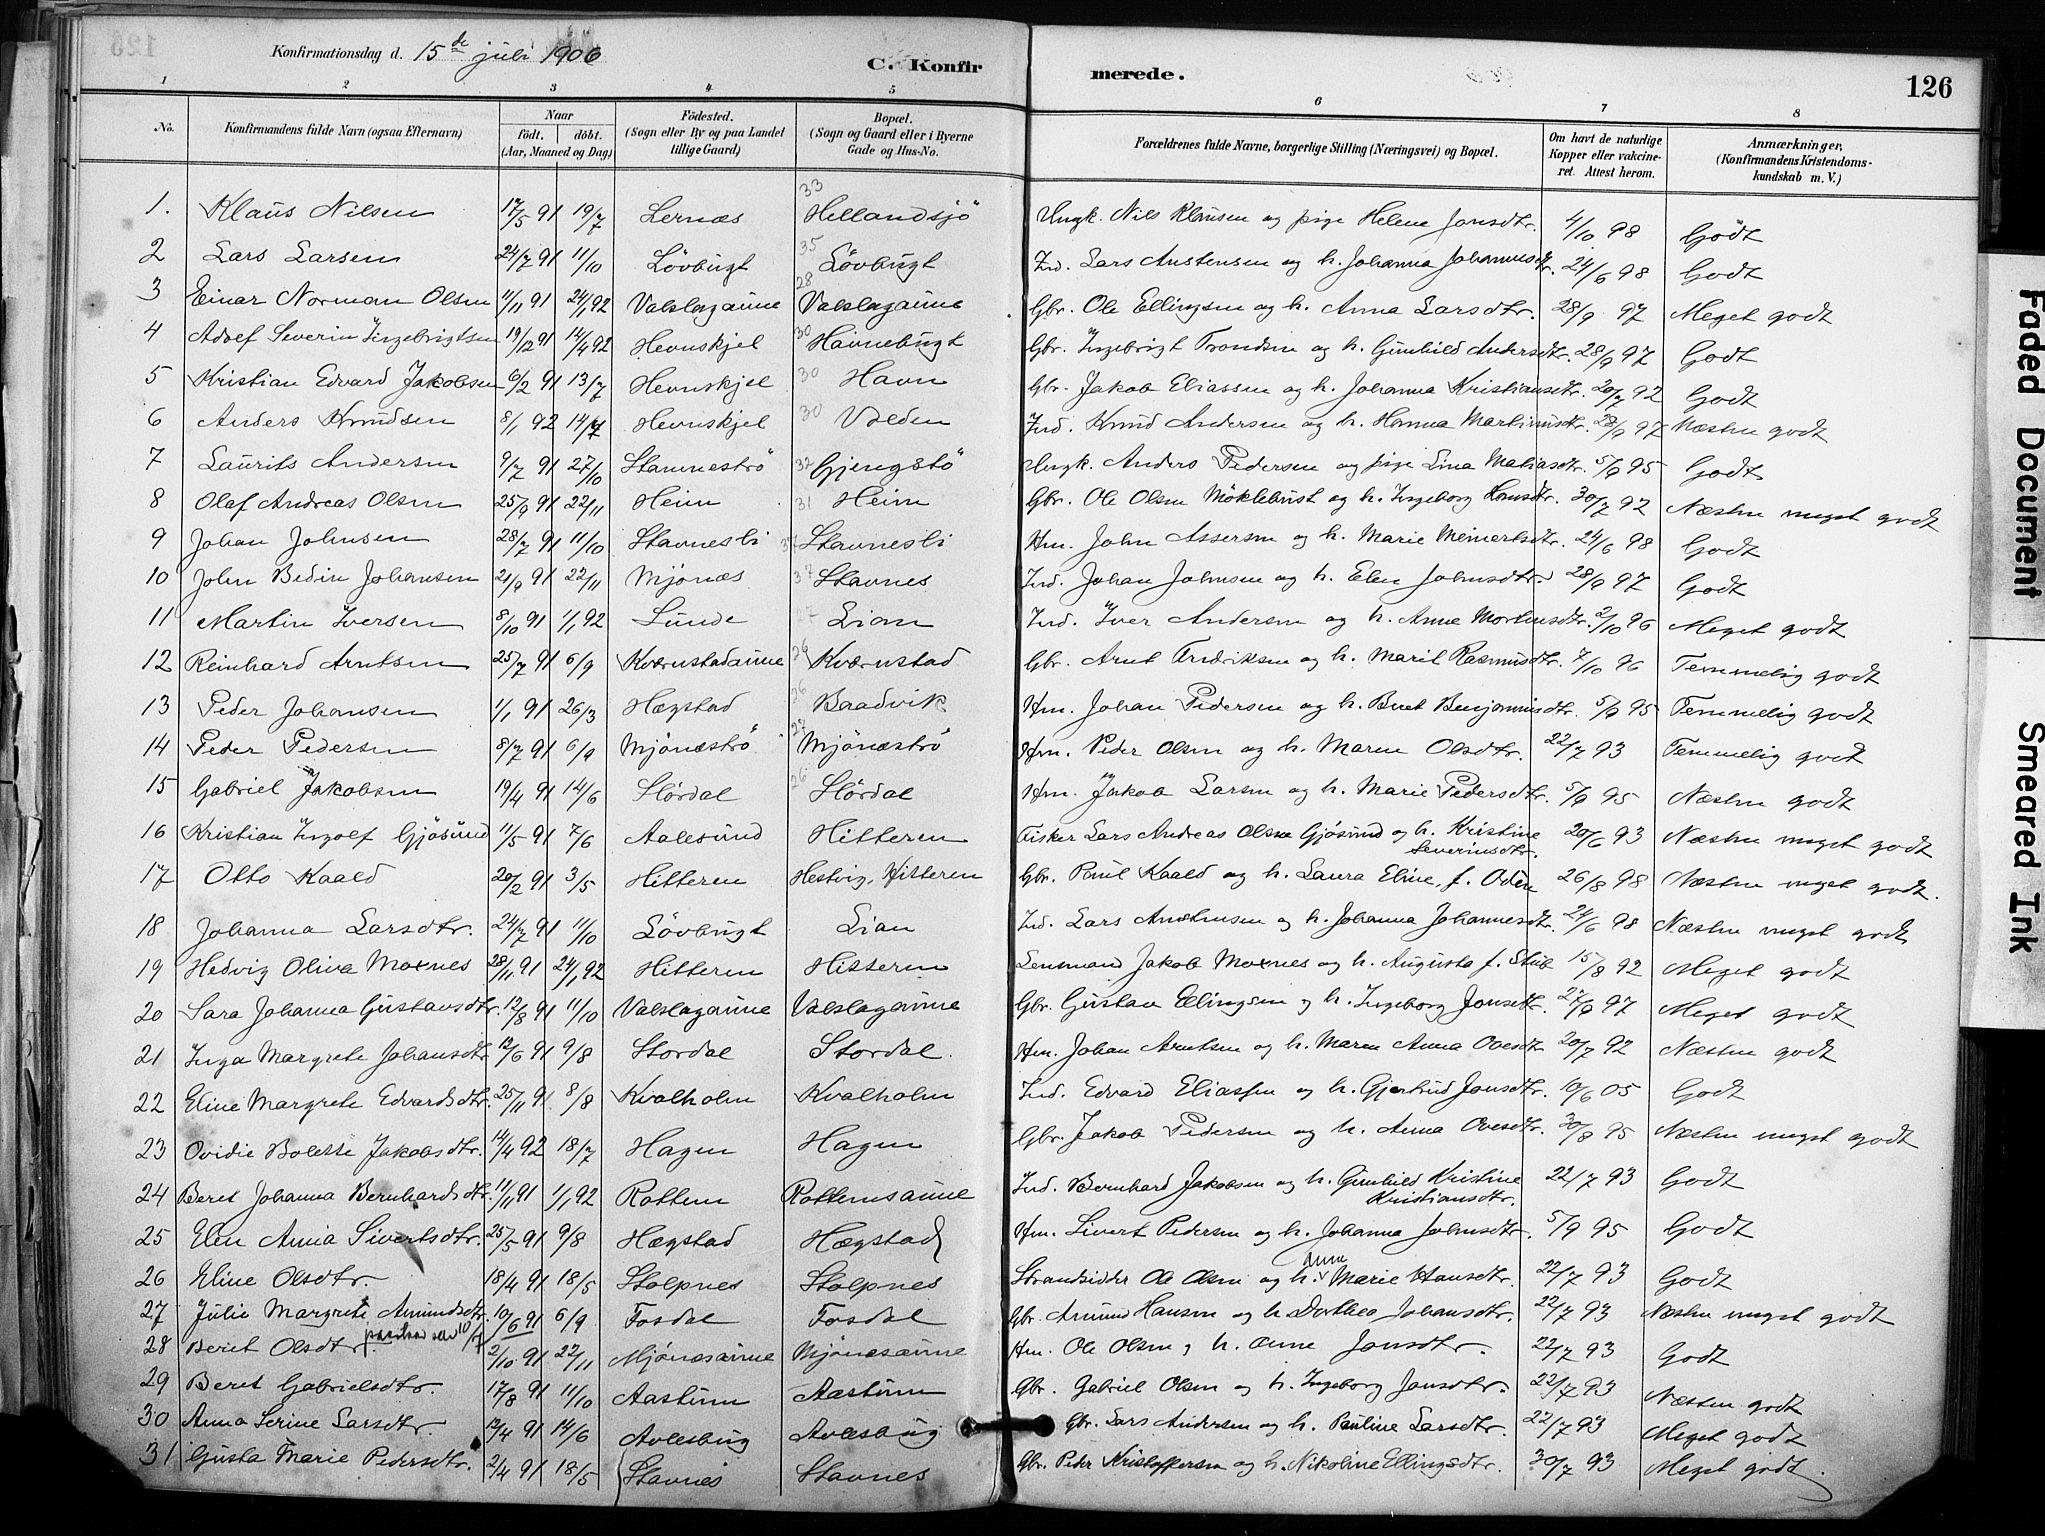 SAT, Ministerialprotokoller, klokkerbøker og fødselsregistre - Sør-Trøndelag, 633/L0518: Ministerialbok nr. 633A01, 1884-1906, s. 126